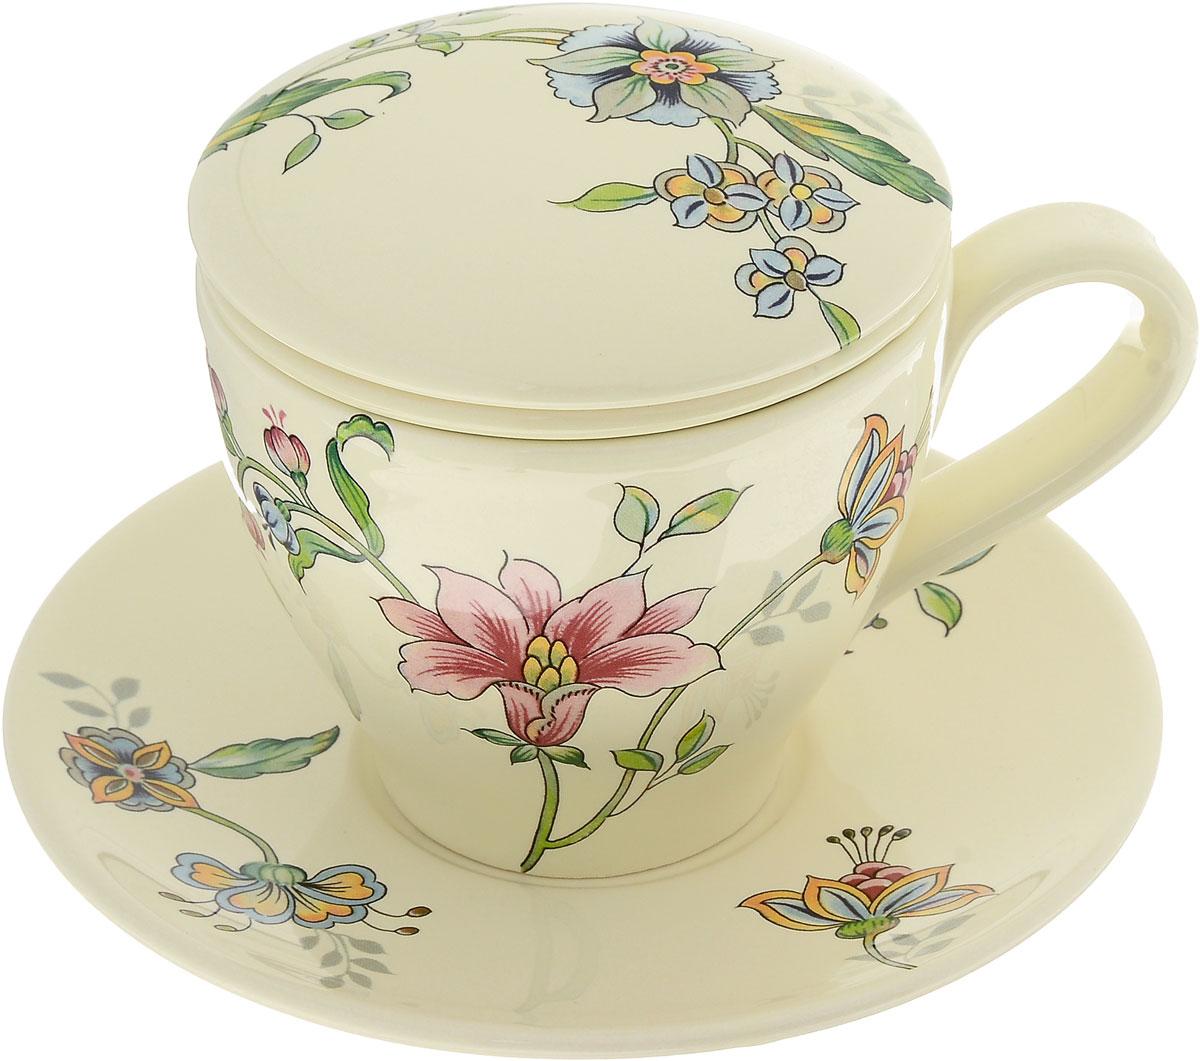 Набор чайный Nuova Cer Прованс, 4 предметаVT-1520(SR)Чайный набор Nuova Cer Прованс состоит из чашки, заварочного фильтра, крышки и блюдца, изготовленных из высококачественной керамики. Изделия оформлены цветочным узором. Красочность оформления придется по вкусу и ценителям классики, и тем, кто предпочитает утонченность и изысканность. Такой набор прекрасно дополнит сервировку стола к чаепитию и подчеркнет ваш безупречный вкус.Чайный набор Nuova Cer Прованс - это прекрасный подарок к любому случаю. Изделия нельзя мыть в посудомоечной машине.Объем чашки: 400 мл.Диаметр чашки (по верхнему краю): 10 см.Высота чашки: 9 см.Диаметр фильтра: 8,5 см.Высота фильтра: 6 см.Диаметр крышки: 10,5 см.Диаметр блюдца: 17 см.Высота блюдца: 2 см.